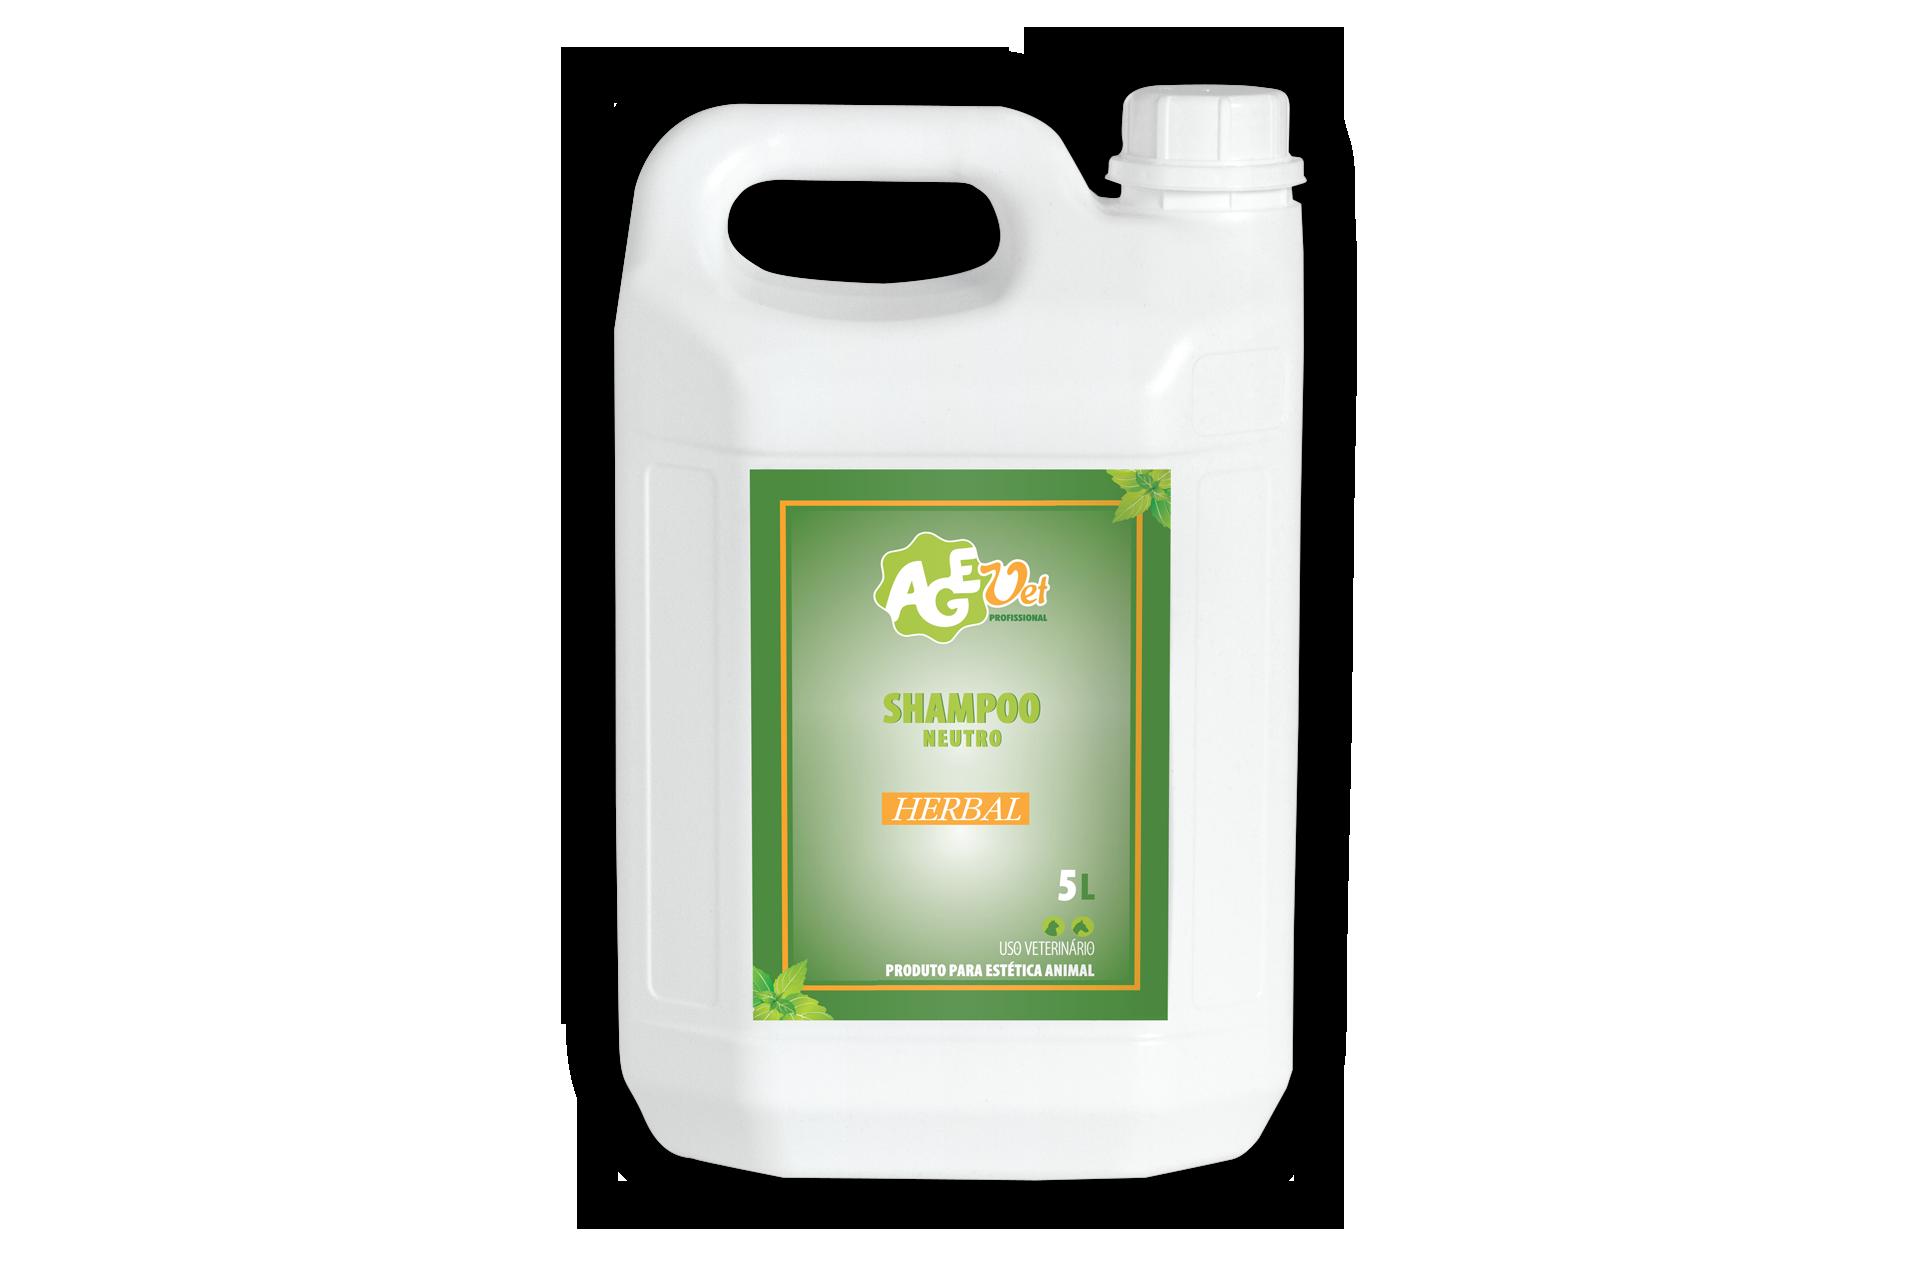 Foto do produto Shampoo Neutro Herbal 5 Litros para visualização